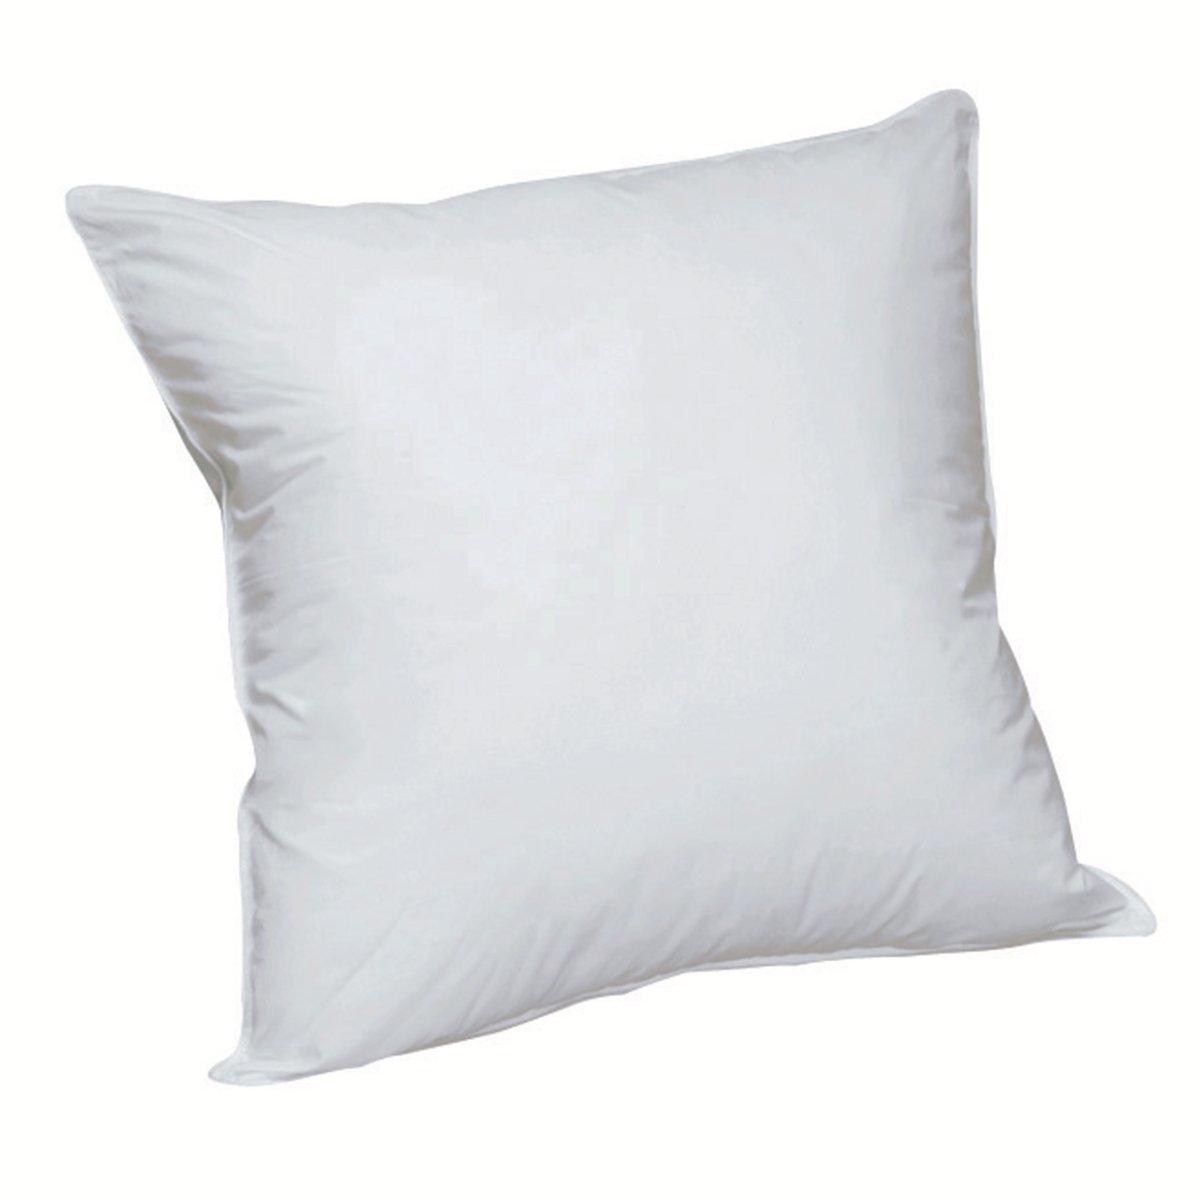 Подушка с памятью формы MICROGEL подушка для сидения с памятью подушка сидушка про kz 0276